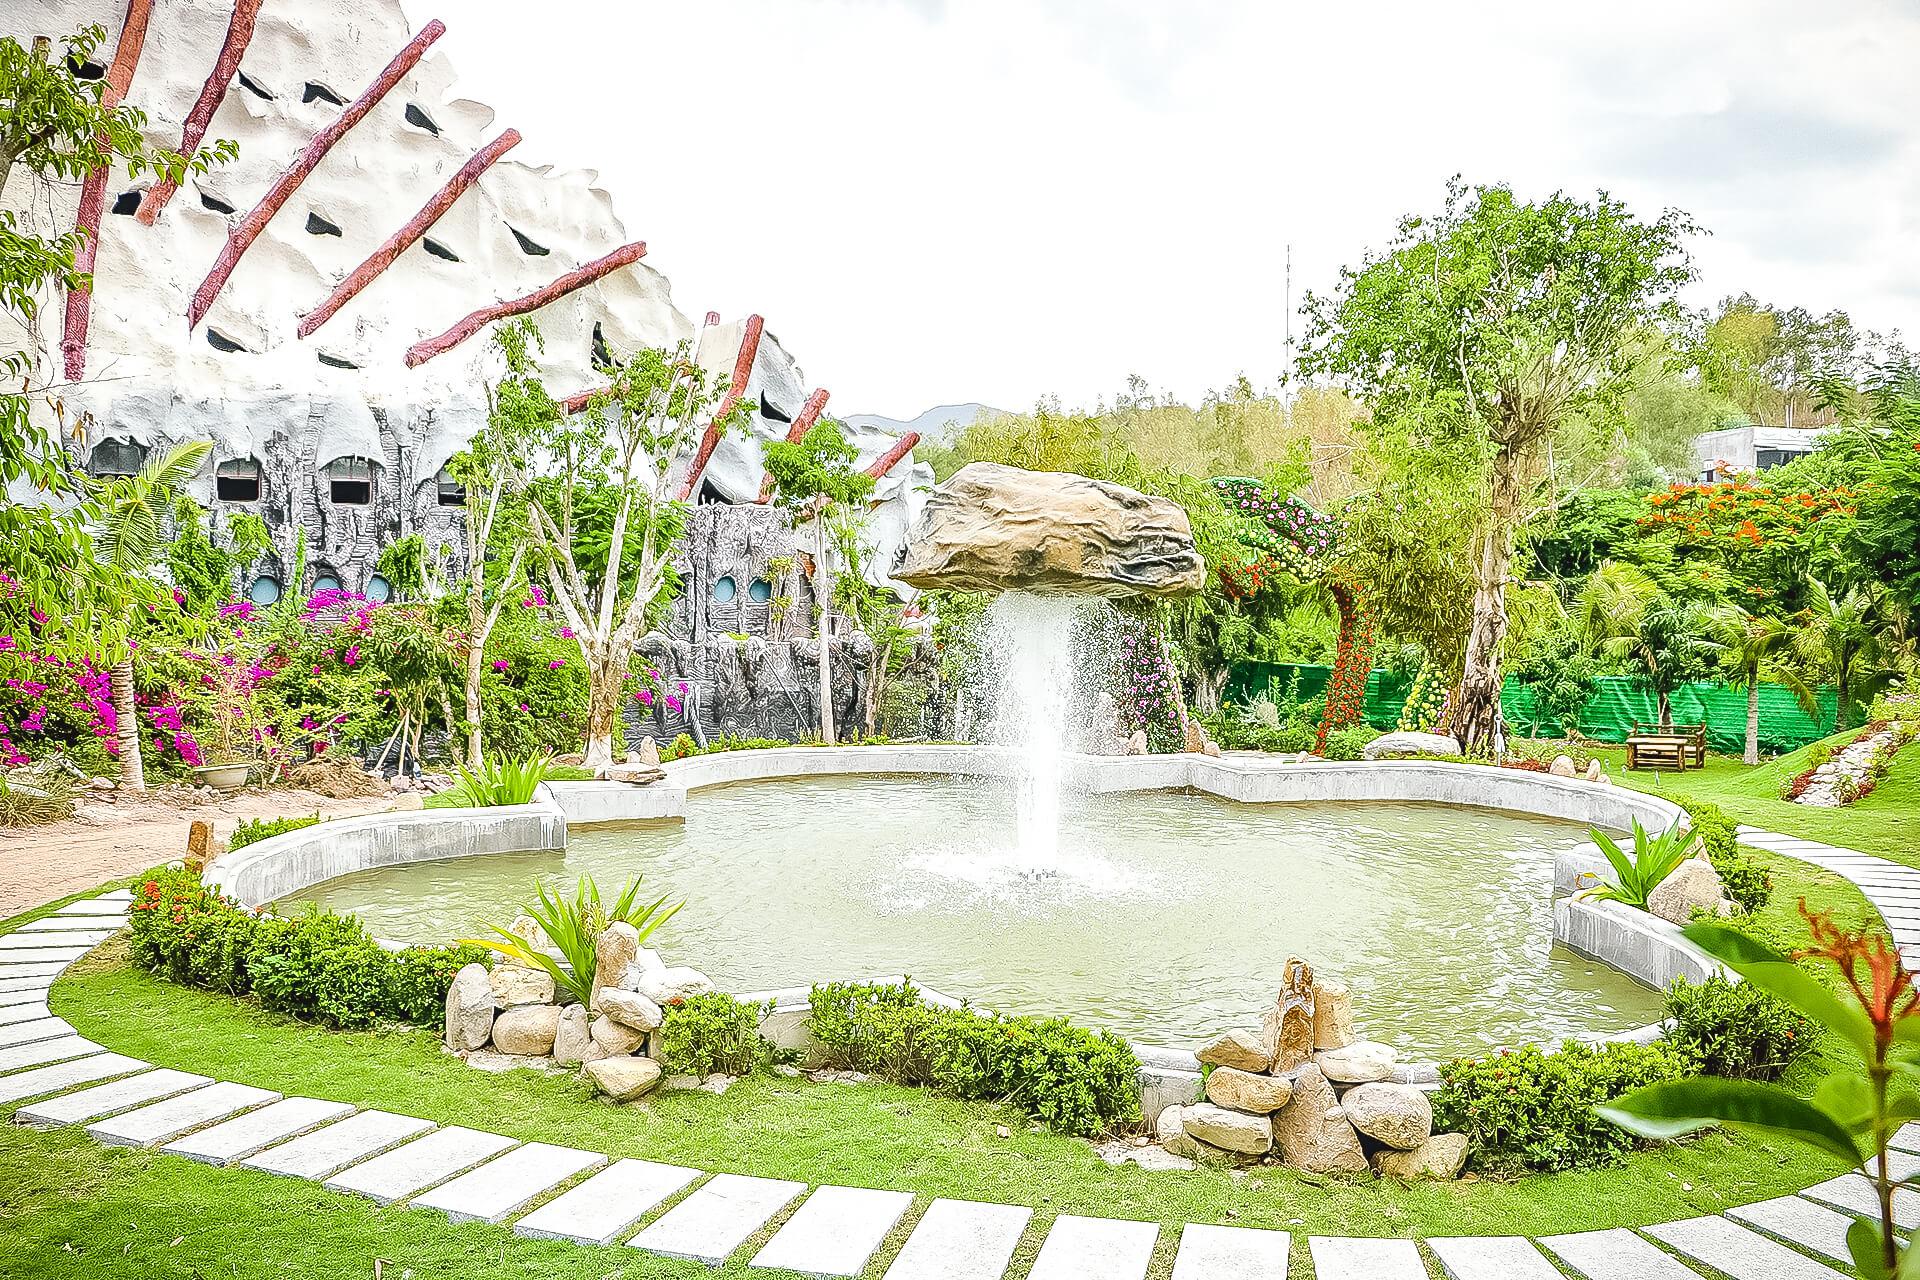 Hình ảnh Sỏi Island - Hòn Sỏi - Soi Island Nha Trang